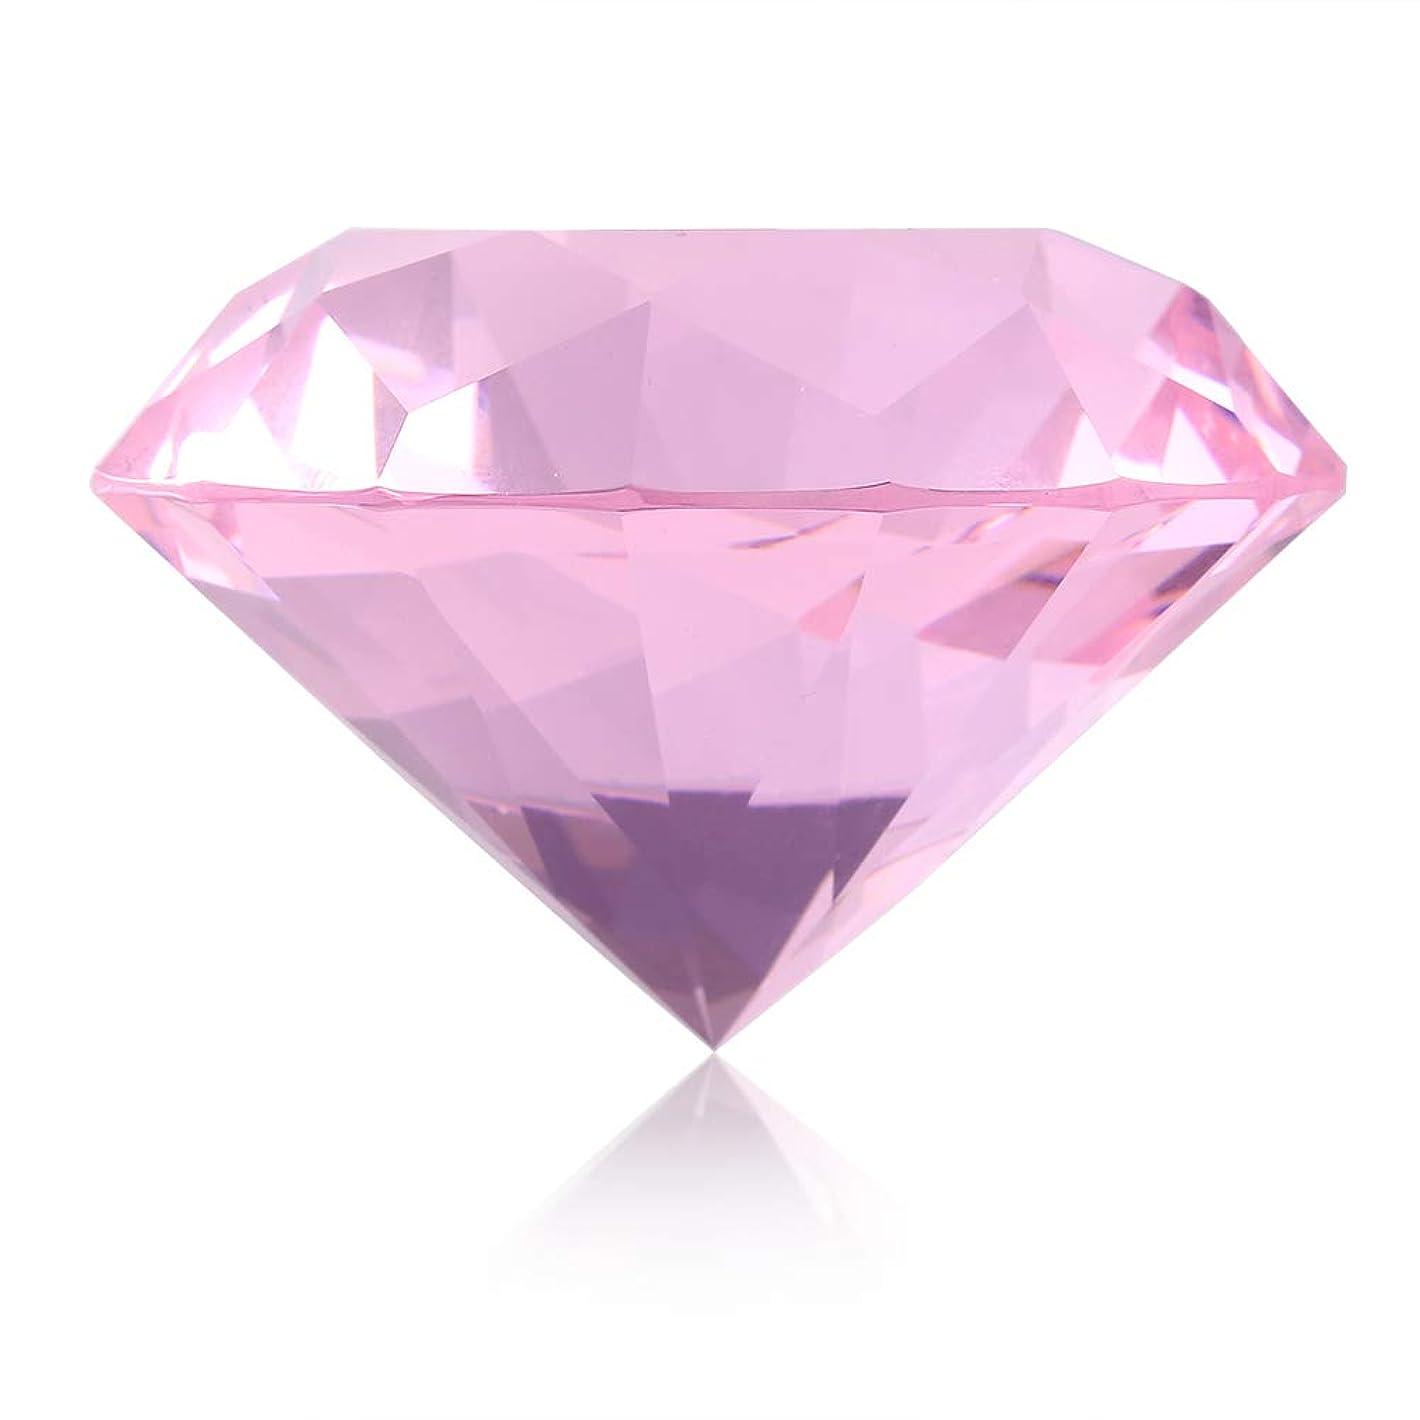 落ち着いたセールスマンリマネイルチップスタンド ネイルチップホルダー スタンドベース ネイルアートディスプレイガラスクリスタルダイヤモンドハンドモデルシュート (ピンク)